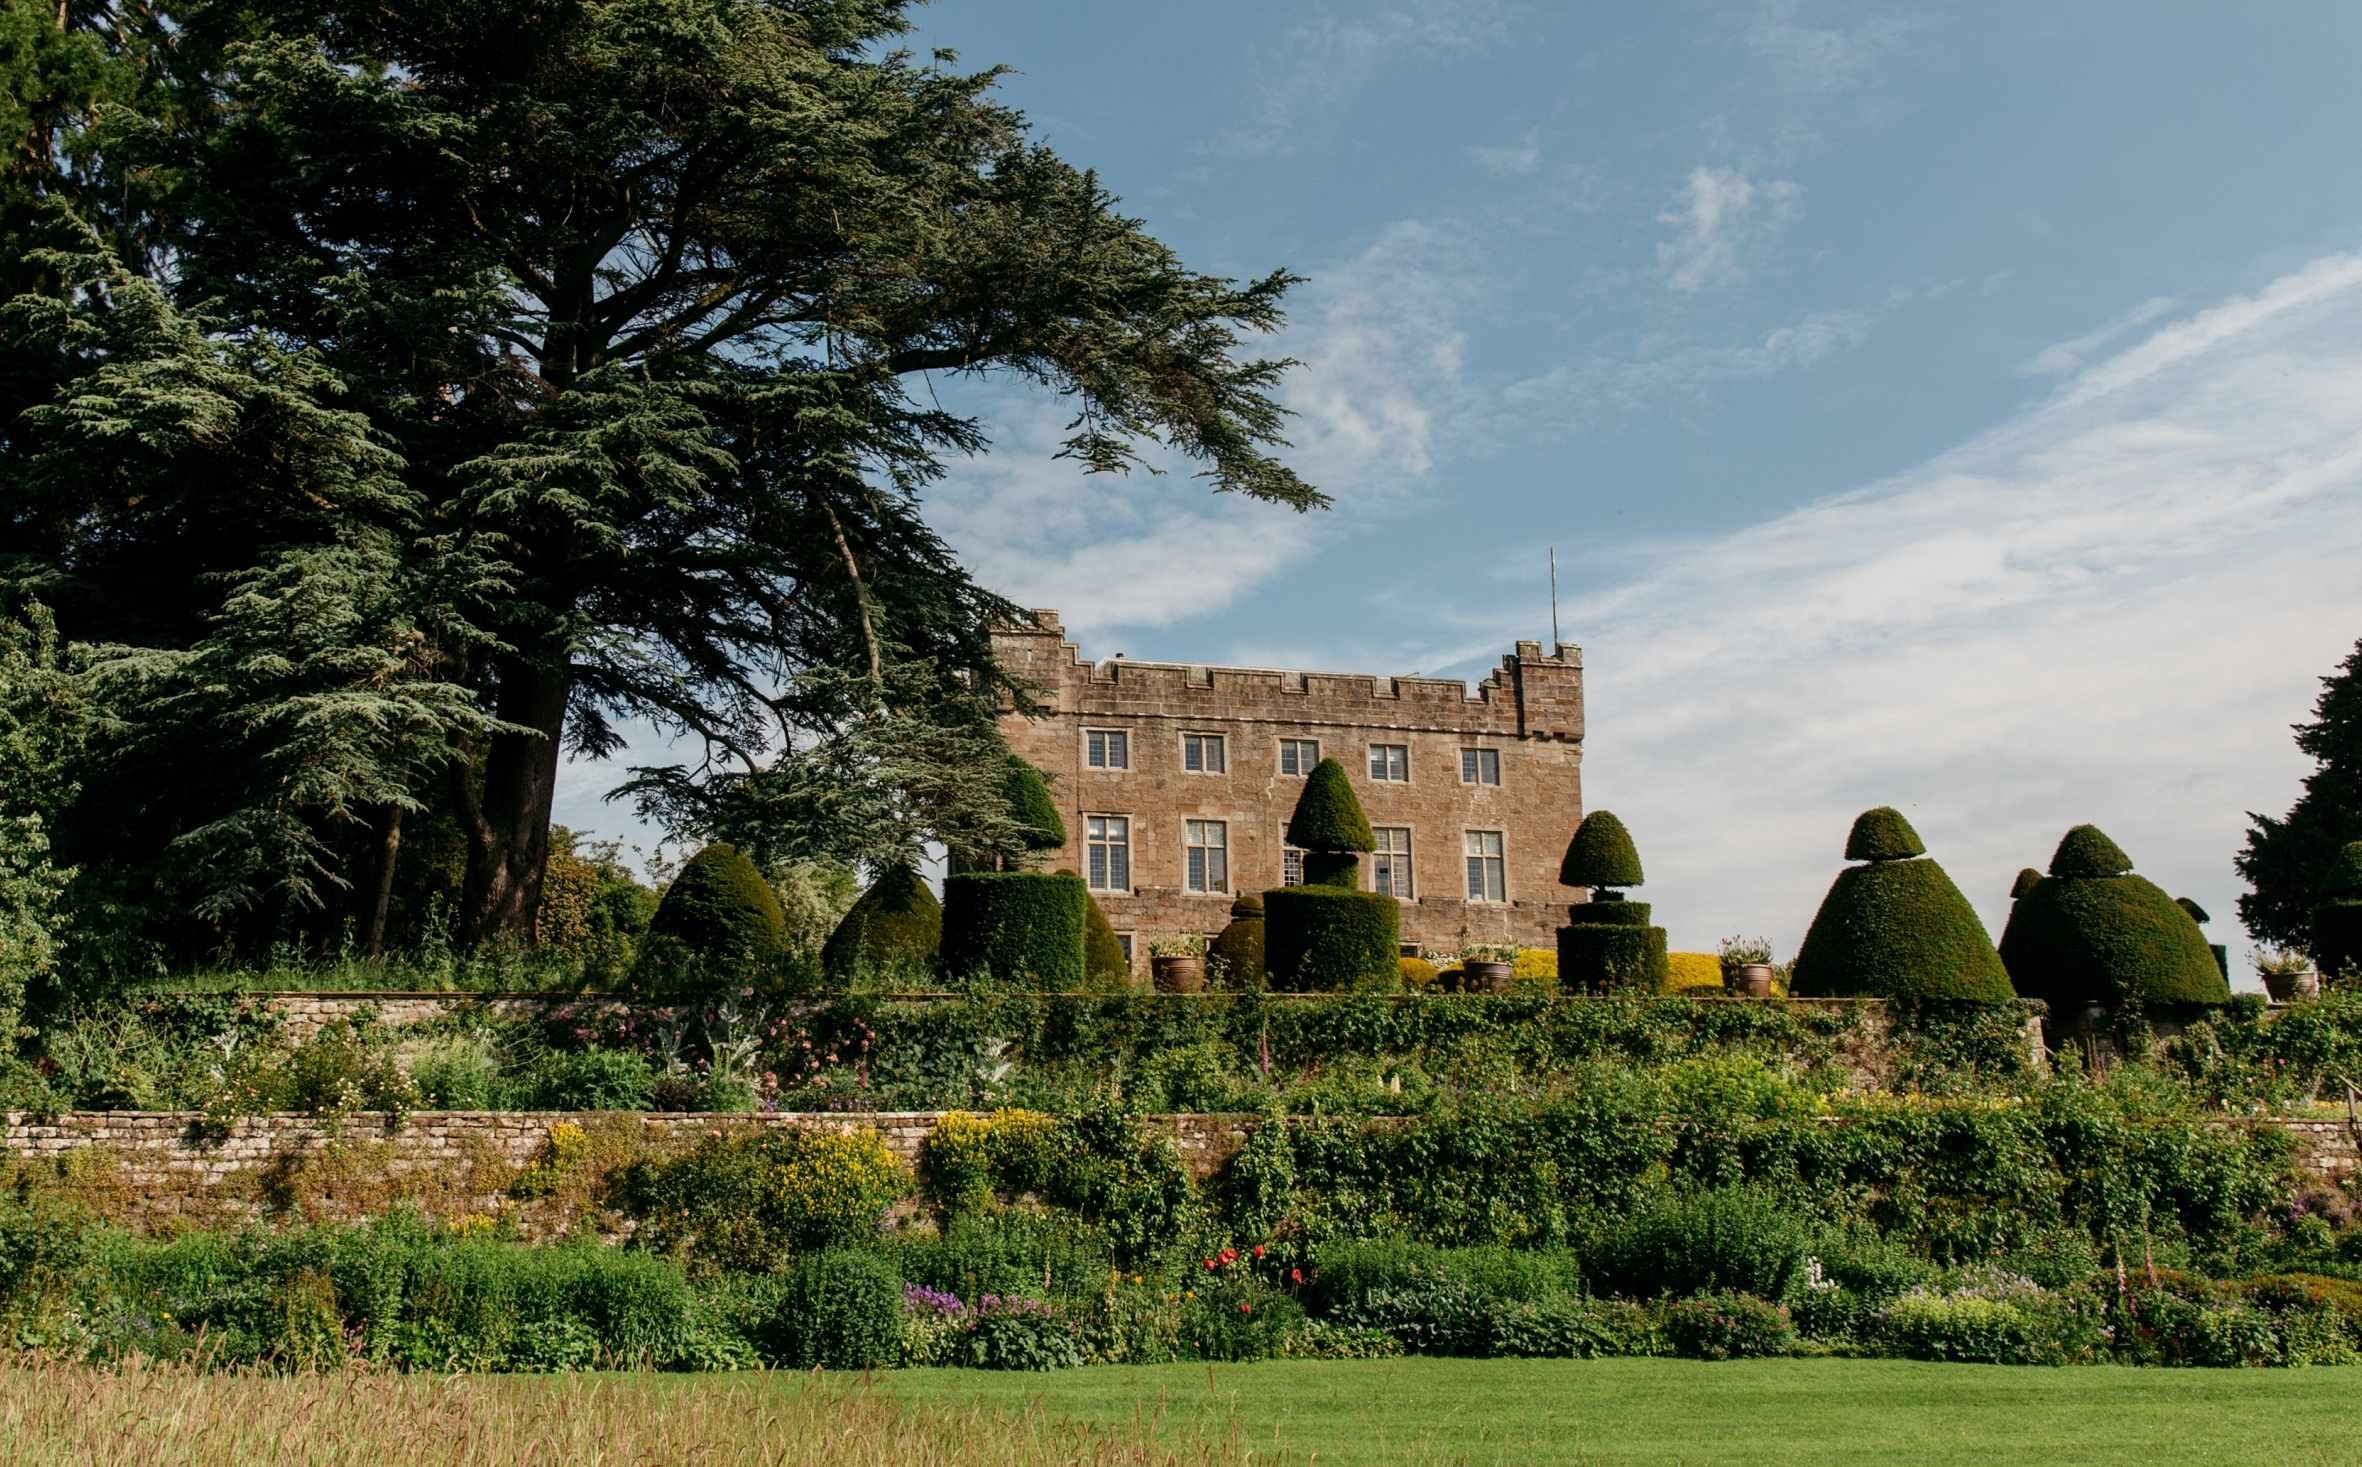 Askham Hall Gardens